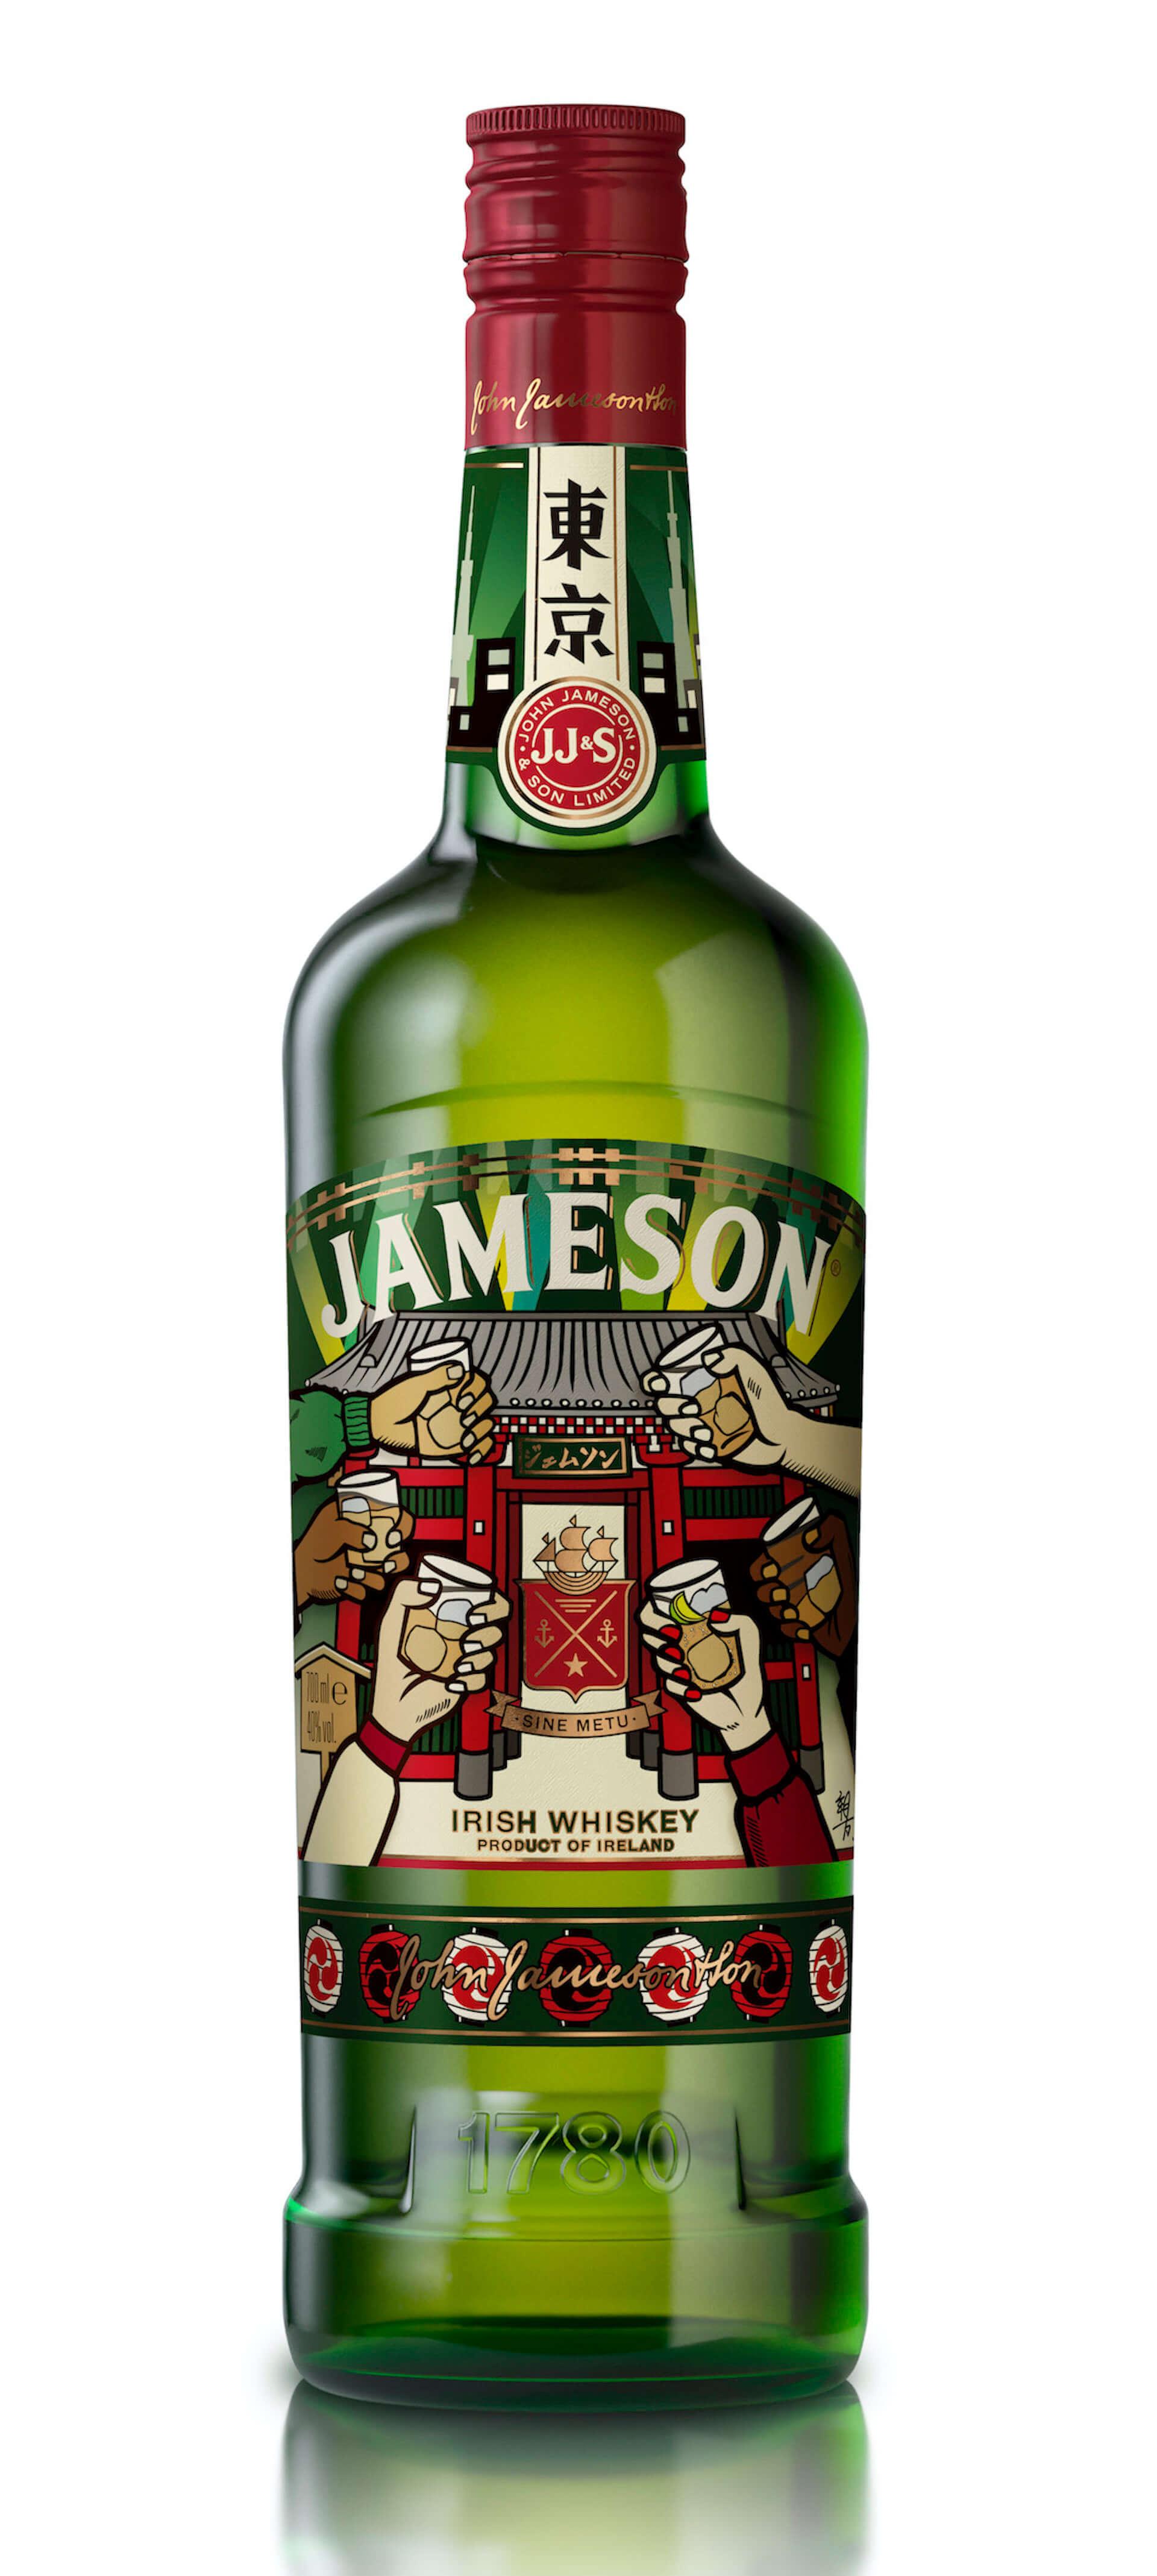 """『ジェムソン』が""""東京""""デザインの限定ボトルに!PUNK DRUNKERS・親方とコラボした『ジェムソン 東京 リミテッド』が発売決定 gourmet200828_jamesonwhiskey_4-1920x4274"""